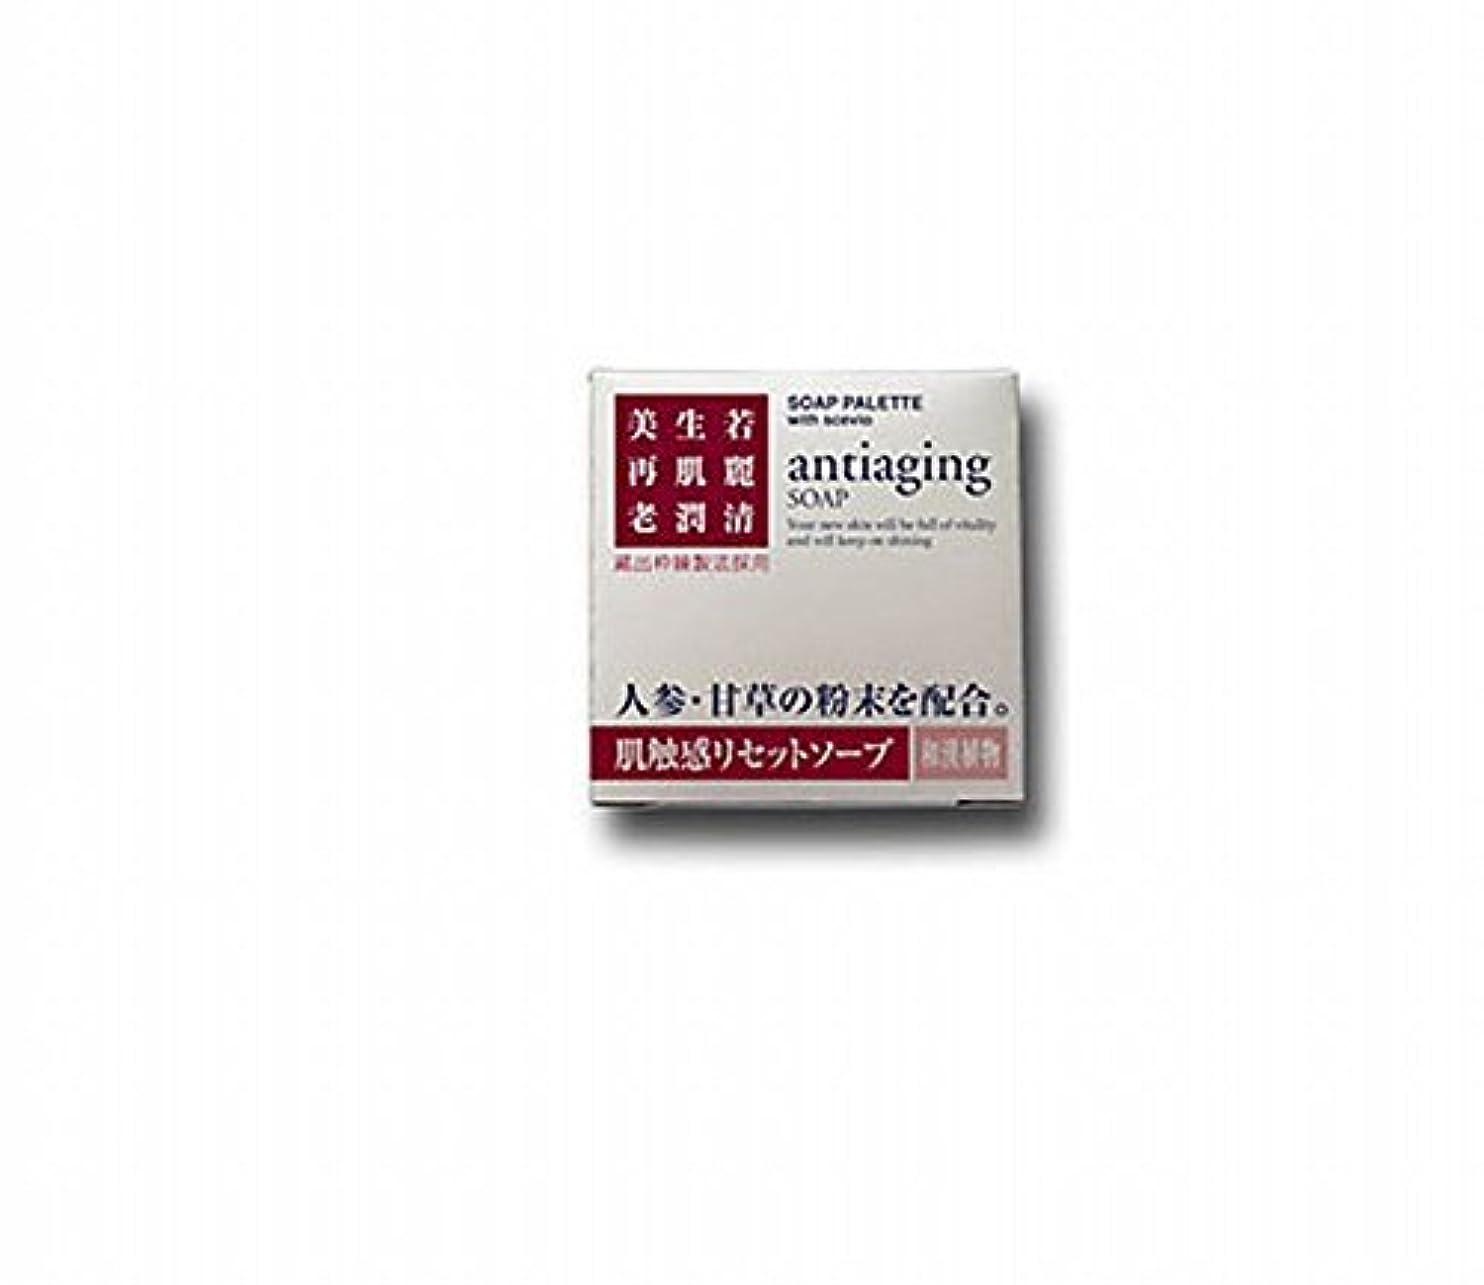 買い手タフキャプチャービバニーズ スセビオ ソープパレット 【肌触感リセットソープ】 100g